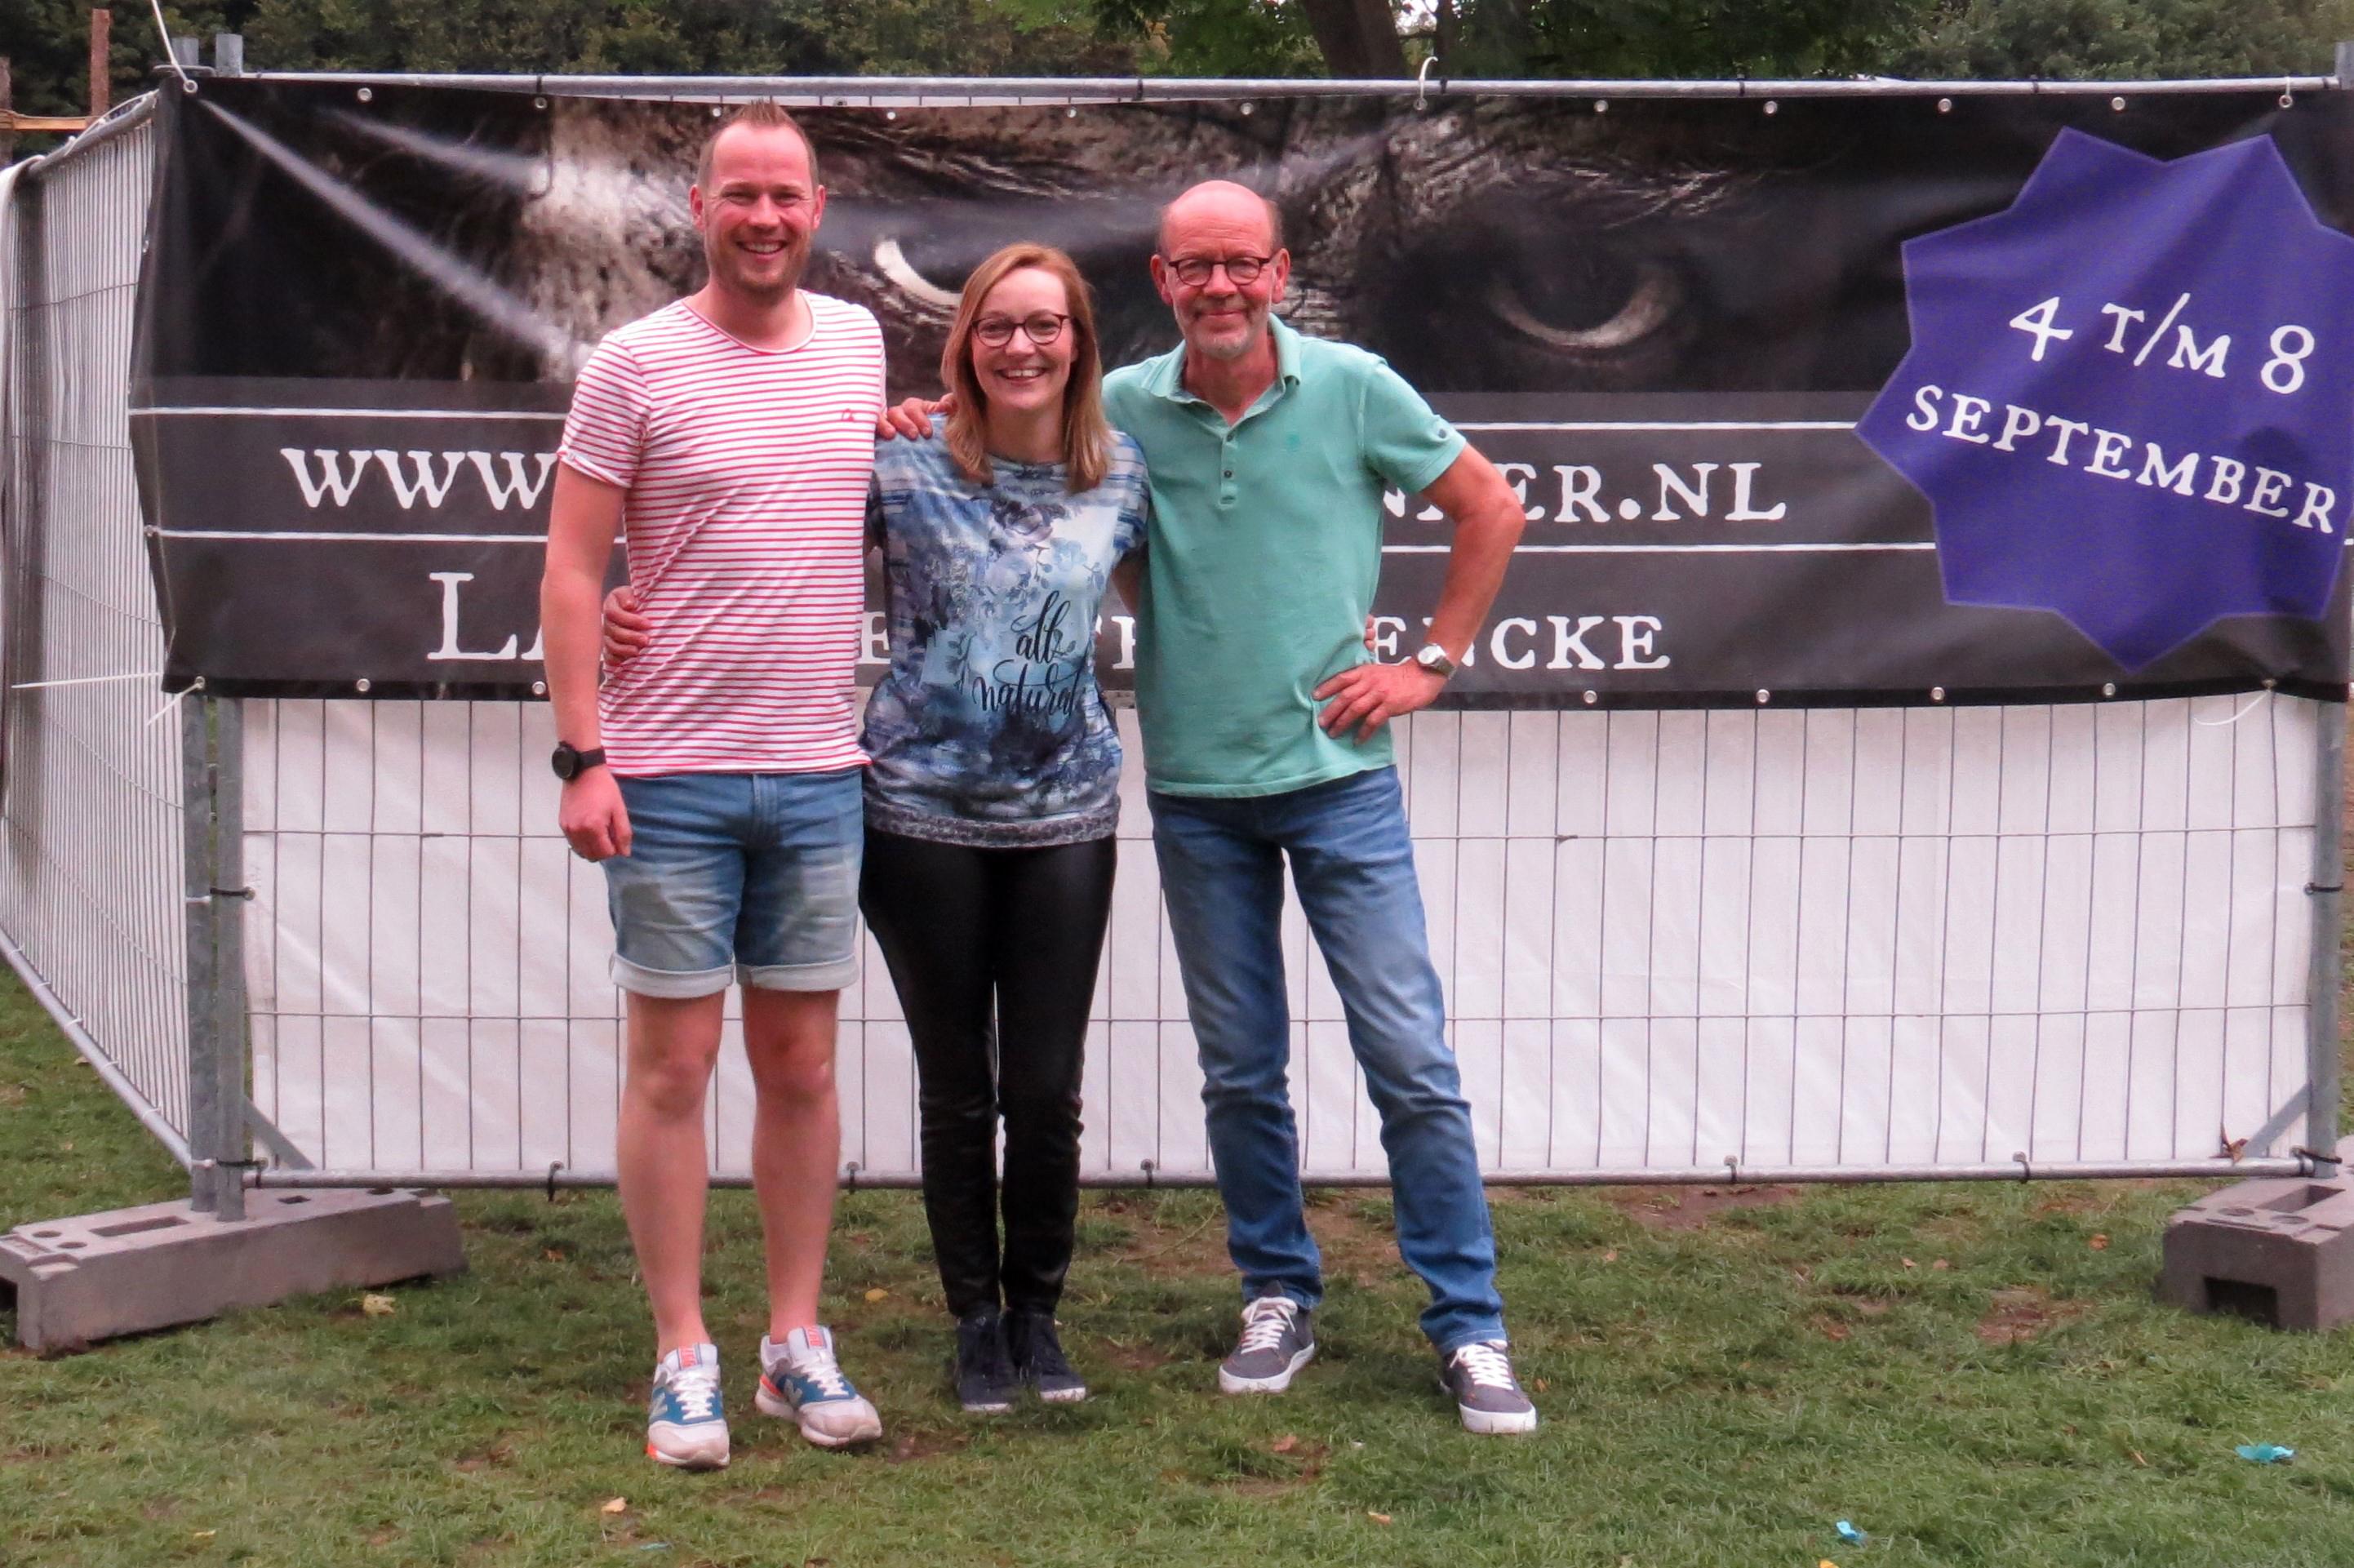 Mark, Annemiek en Herman Meijer, drie deelnemers uit een gezin